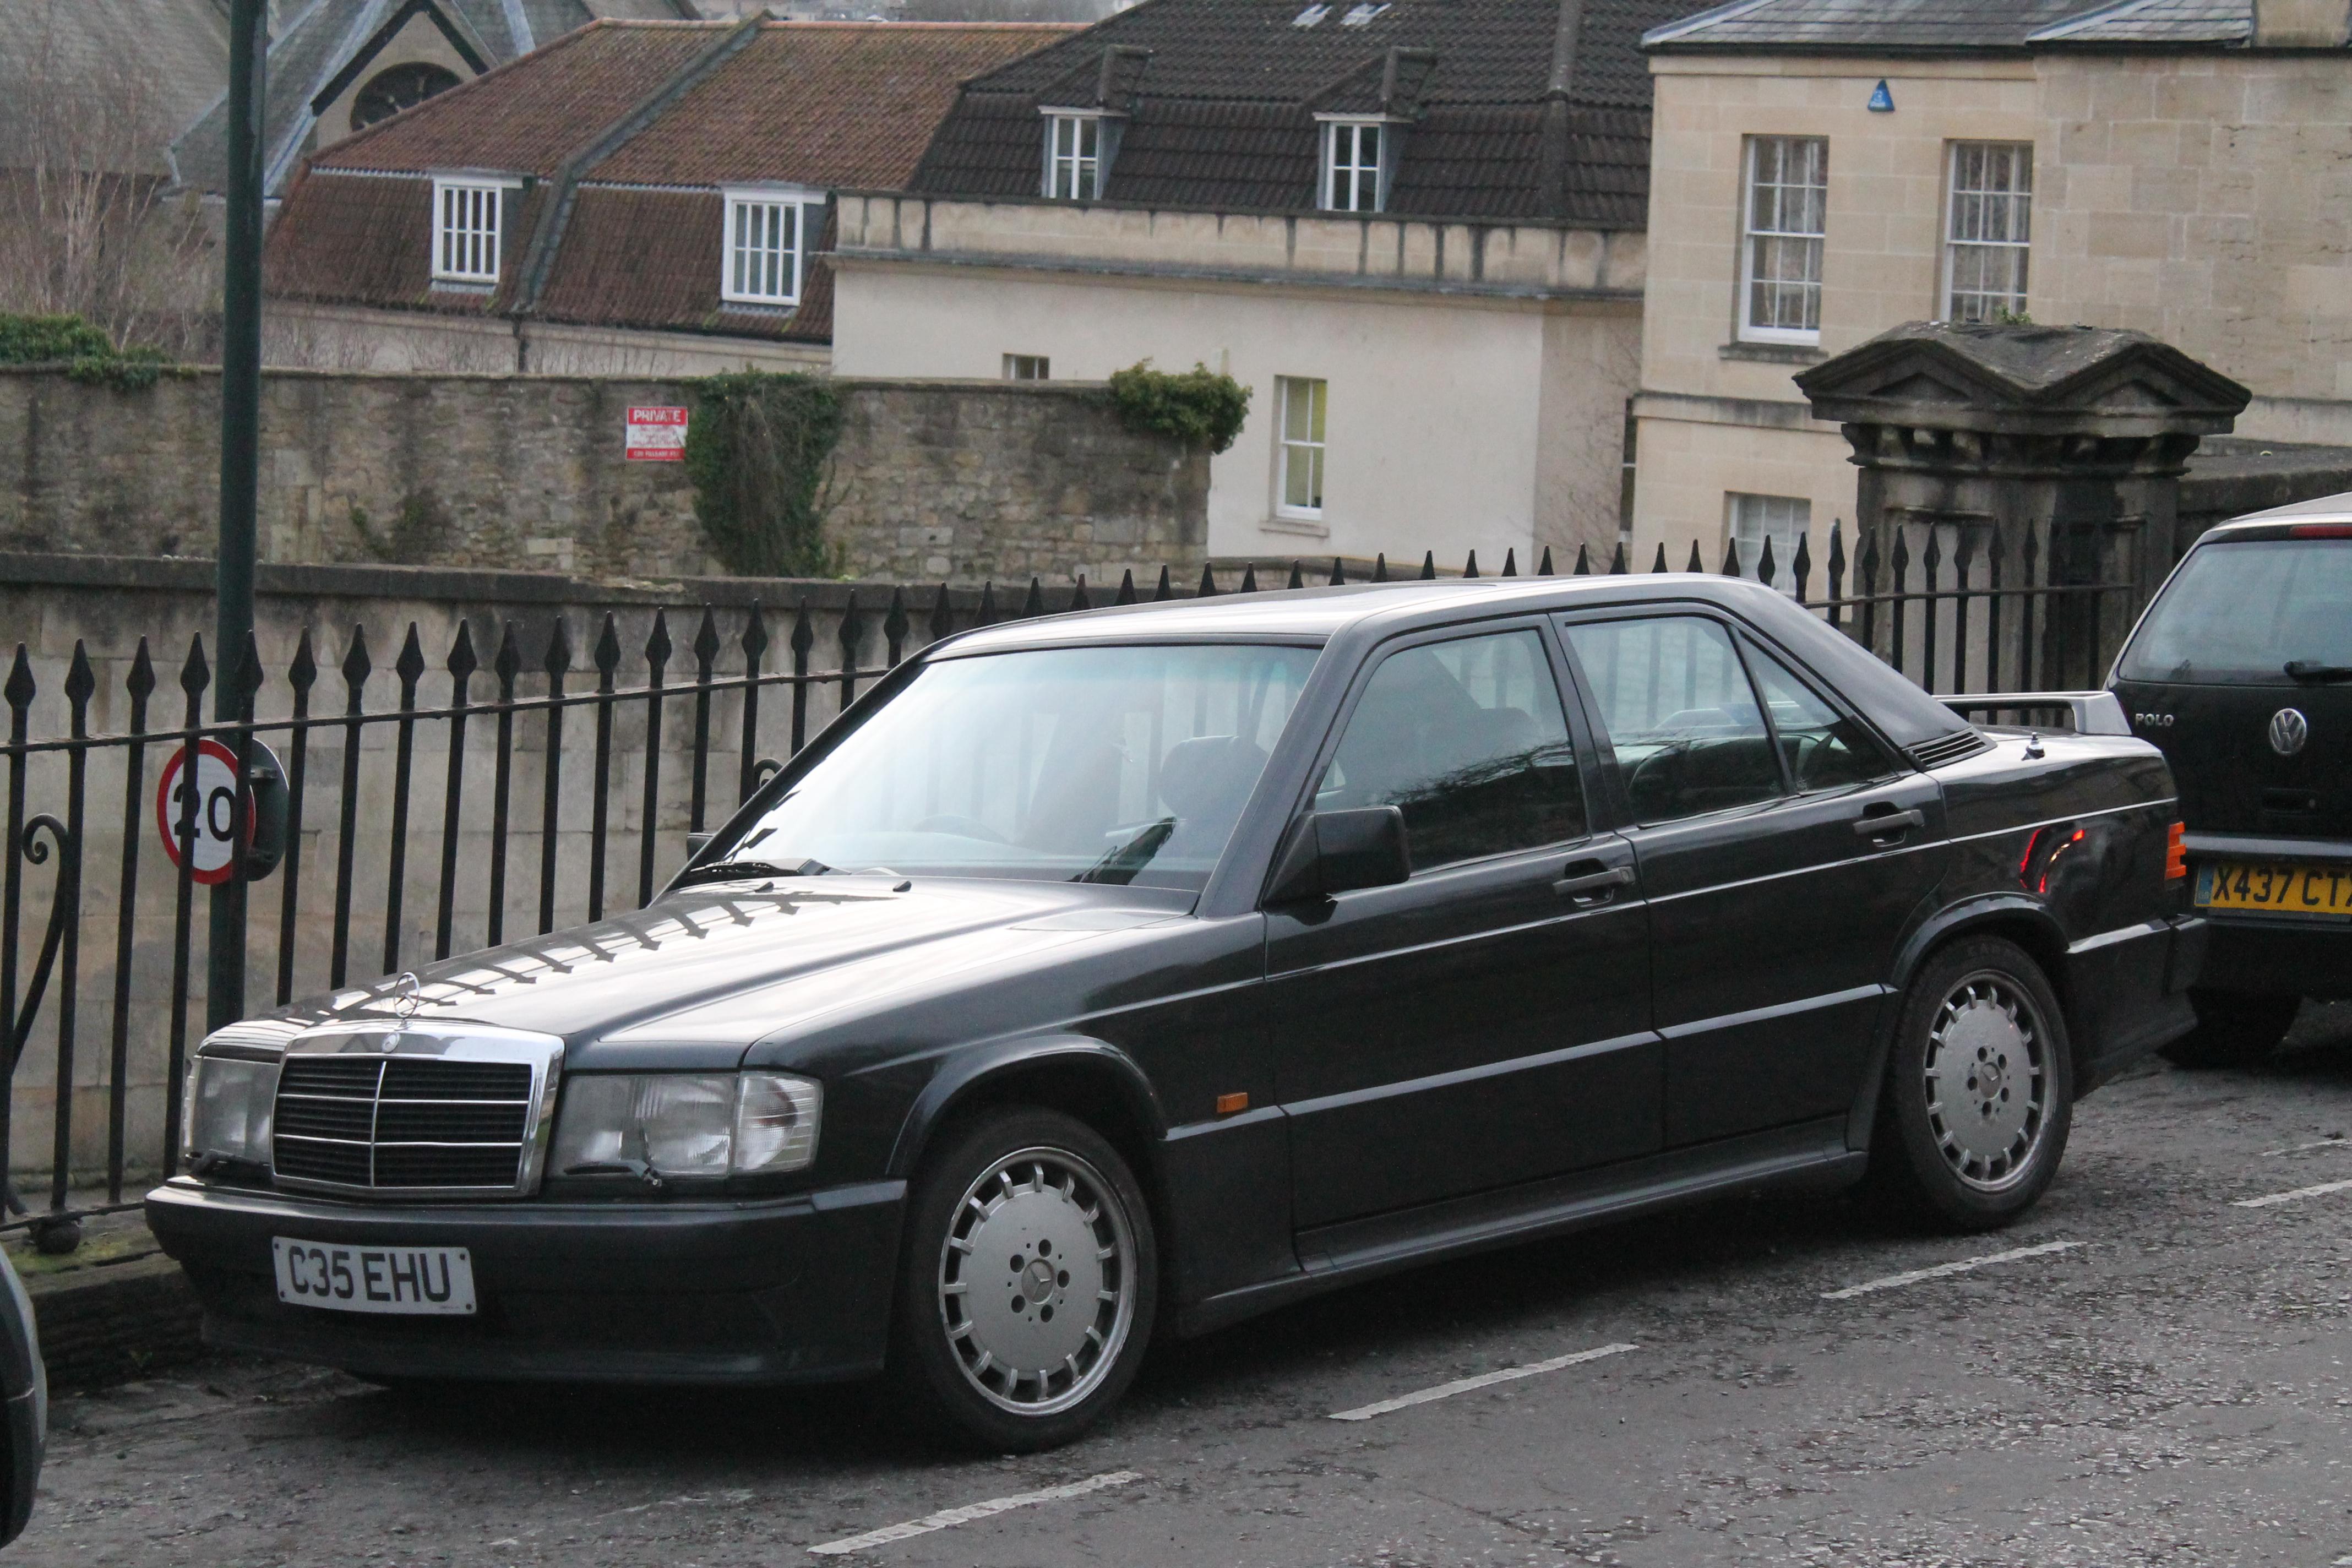 Mercedes Benz Cosworth